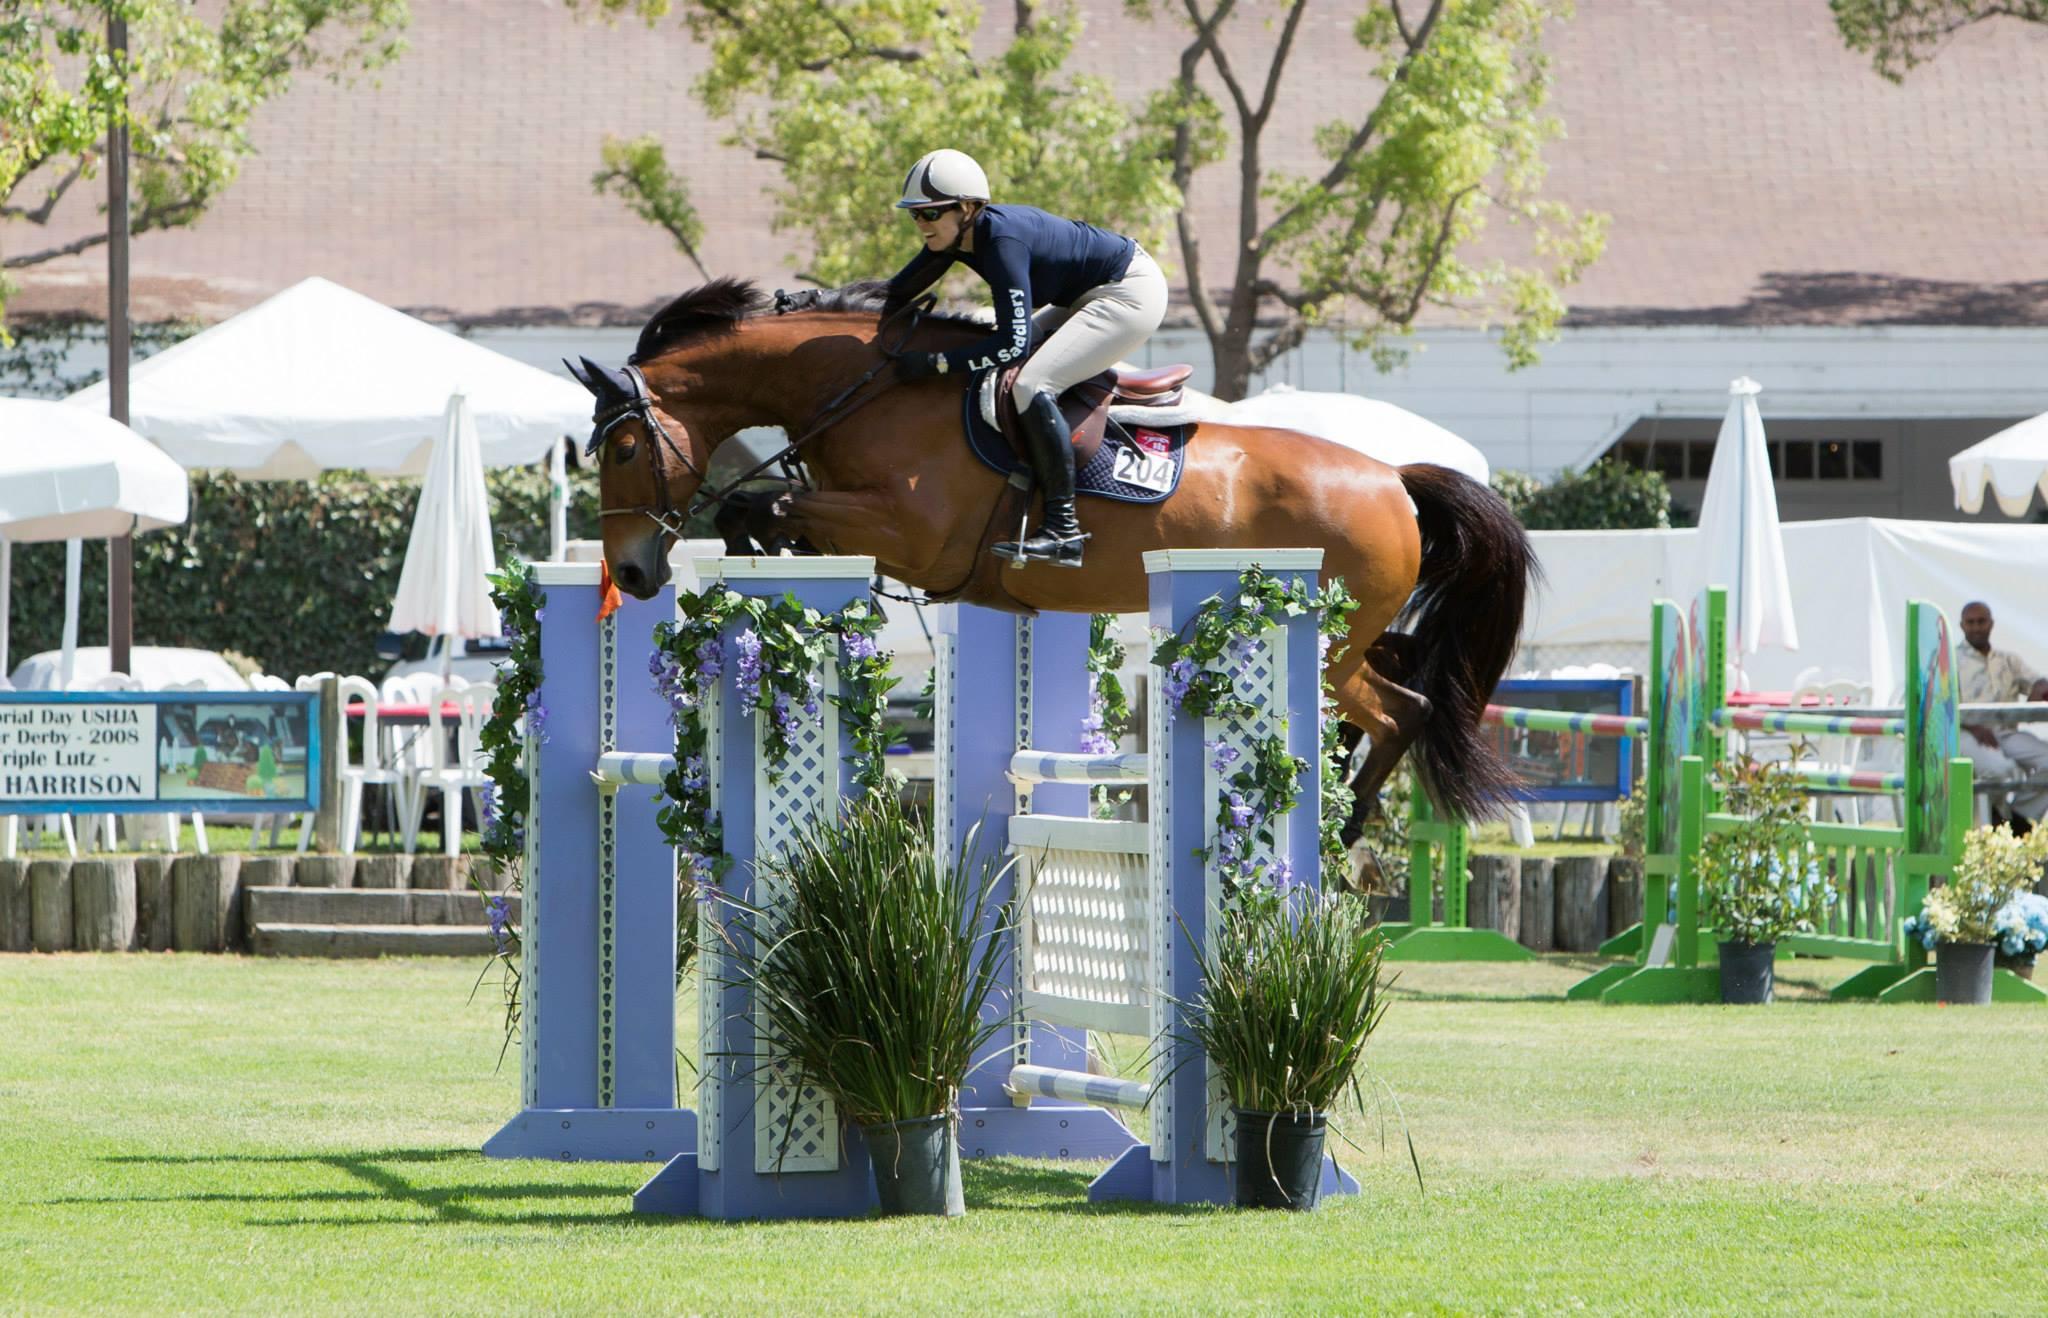 horse, showjumping, marnye, langer